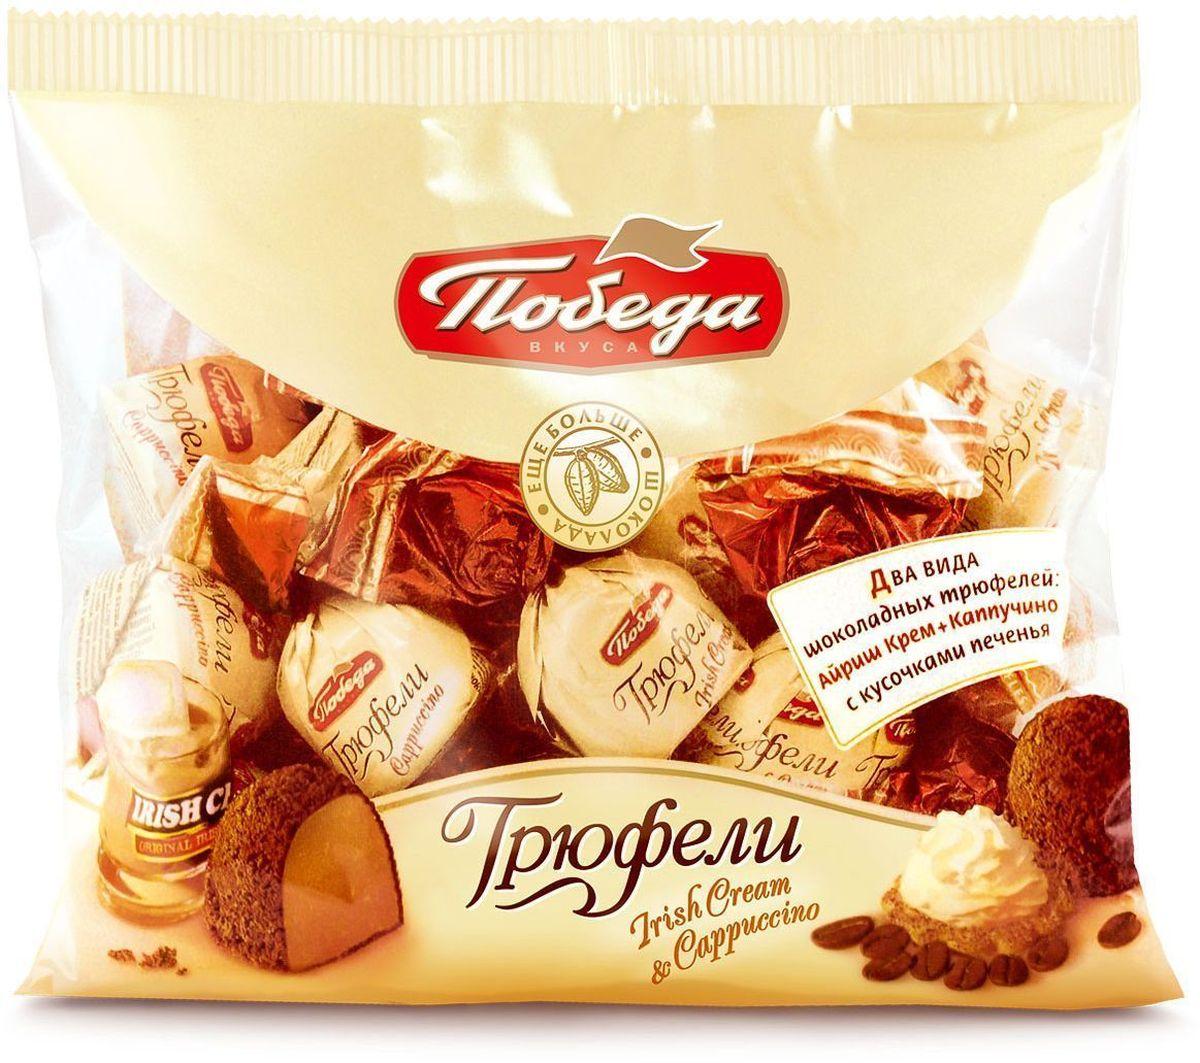 Победа вкуса Трюфели Айриш Крем + Капучино два вида шоколадных трюфелей с кусочками печенья, 200 г чудесинка со вкусом шоколада